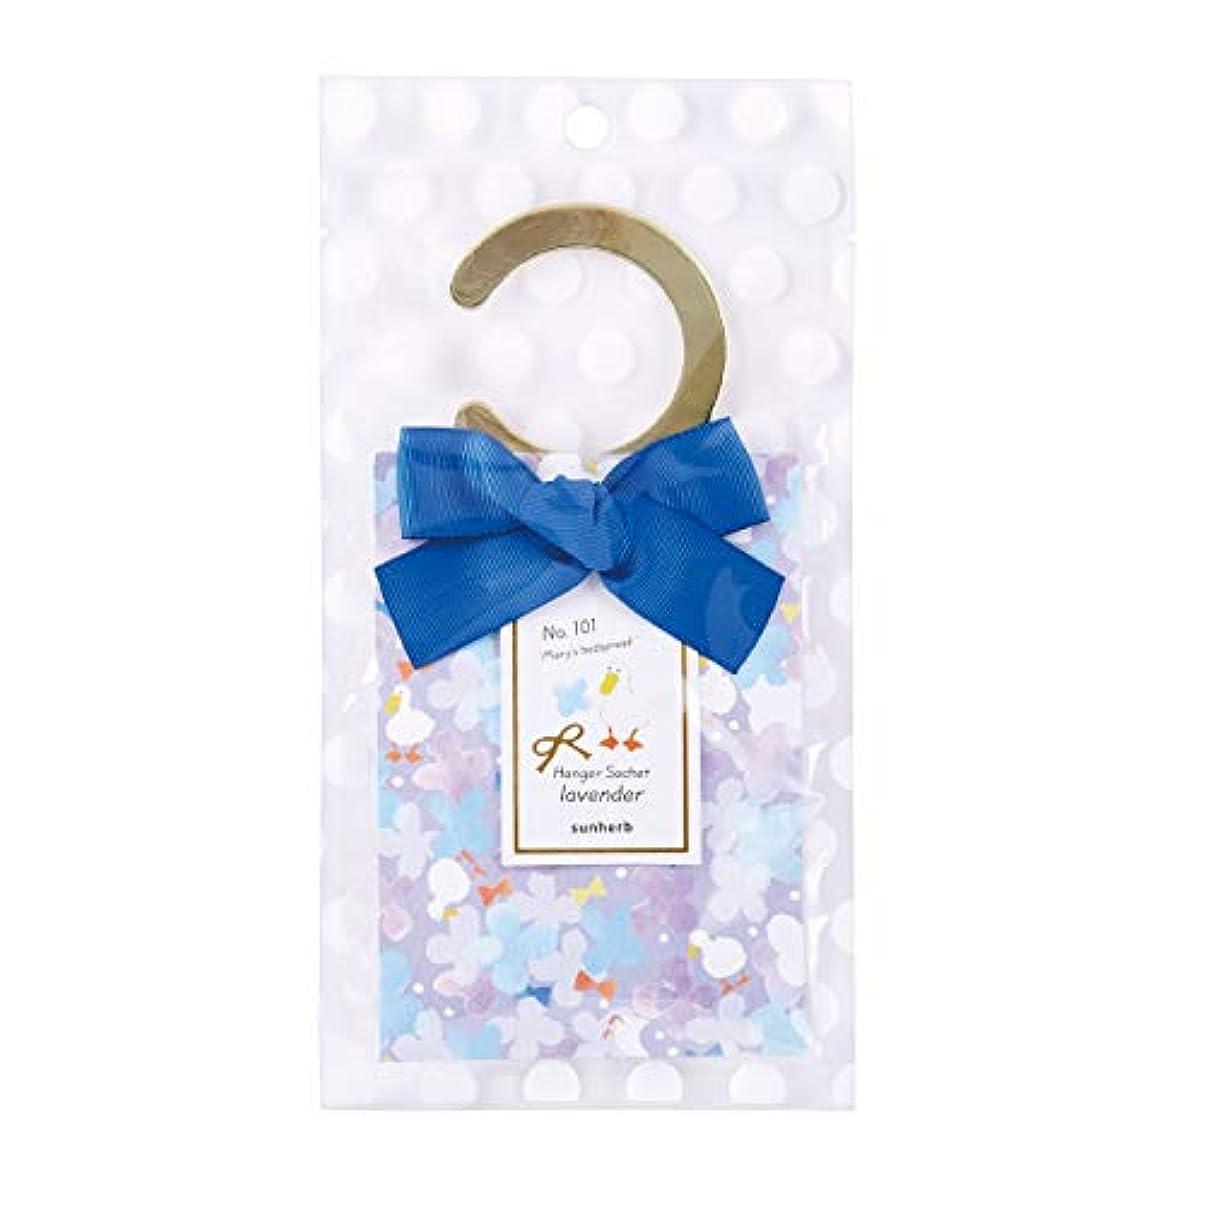 水差し自体ご近所サンハーブ ハンガーサシェ ラベンダーの香り (吊り下げ芳香剤 アヒルが描かれたラベンダー色のデザイン)